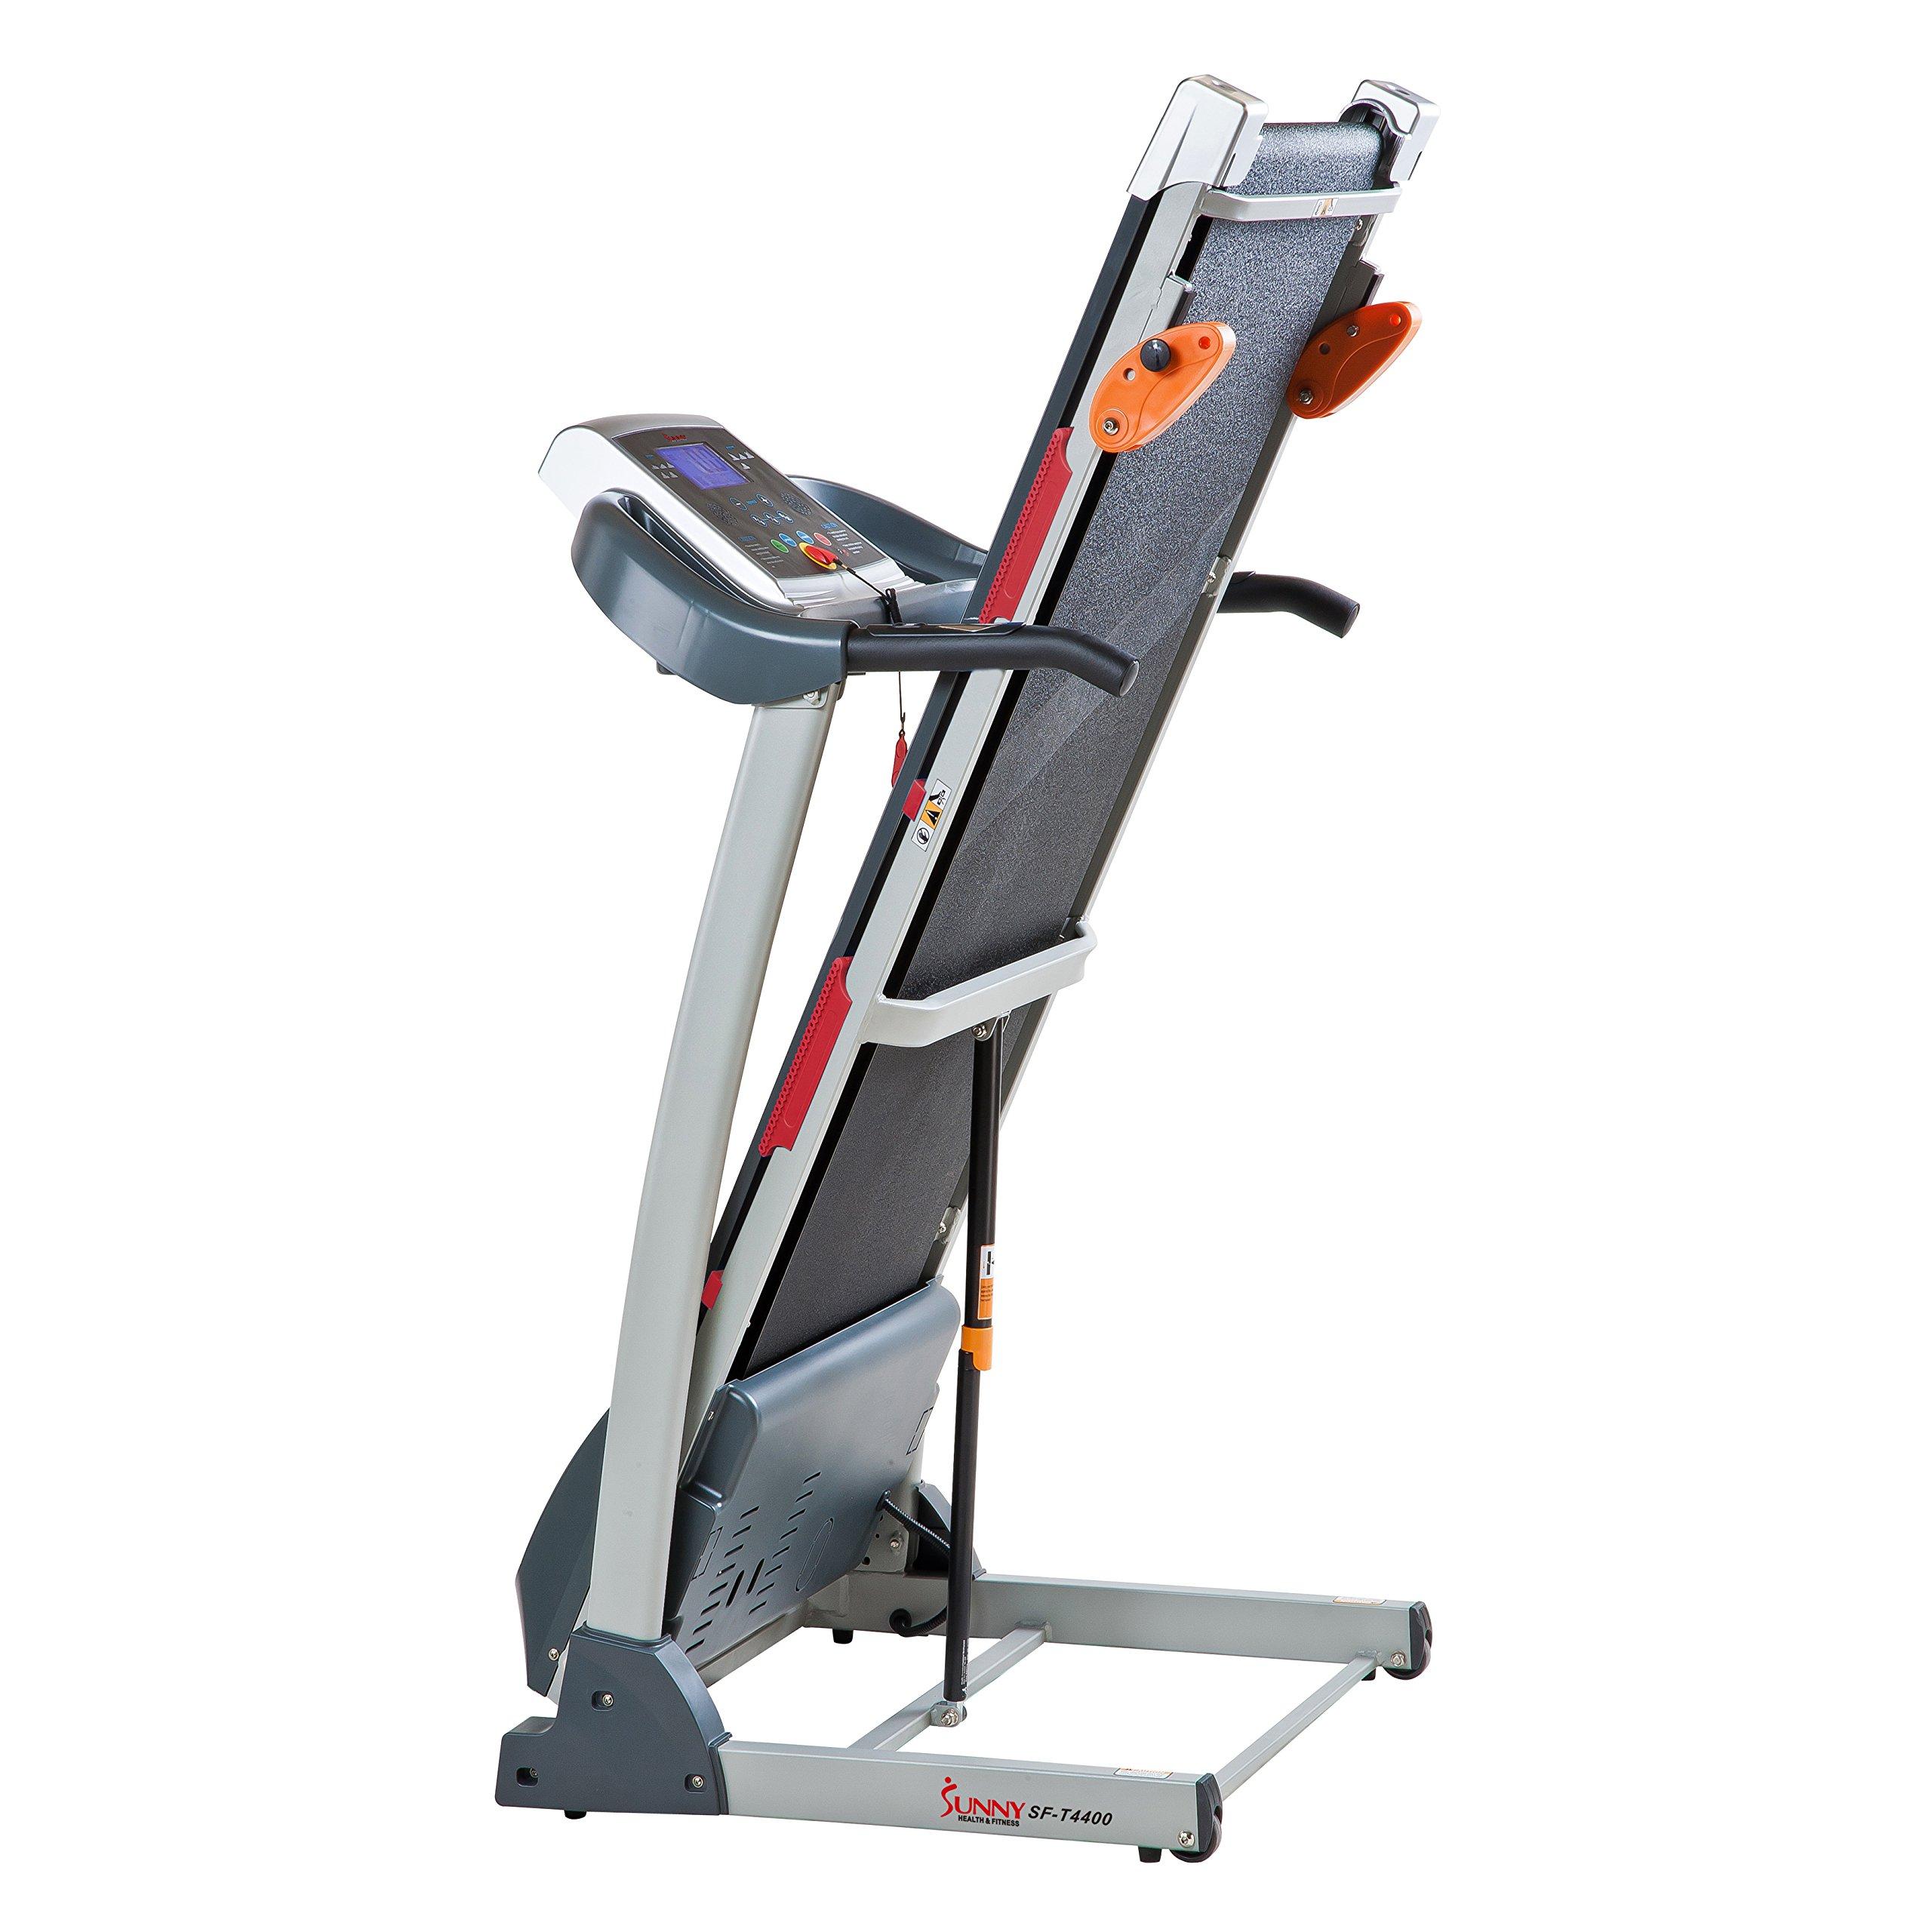 Sunny Health & Fitness Treadmill Folding Motorized Running Machine by Sunny Health & Fitness (Image #7)